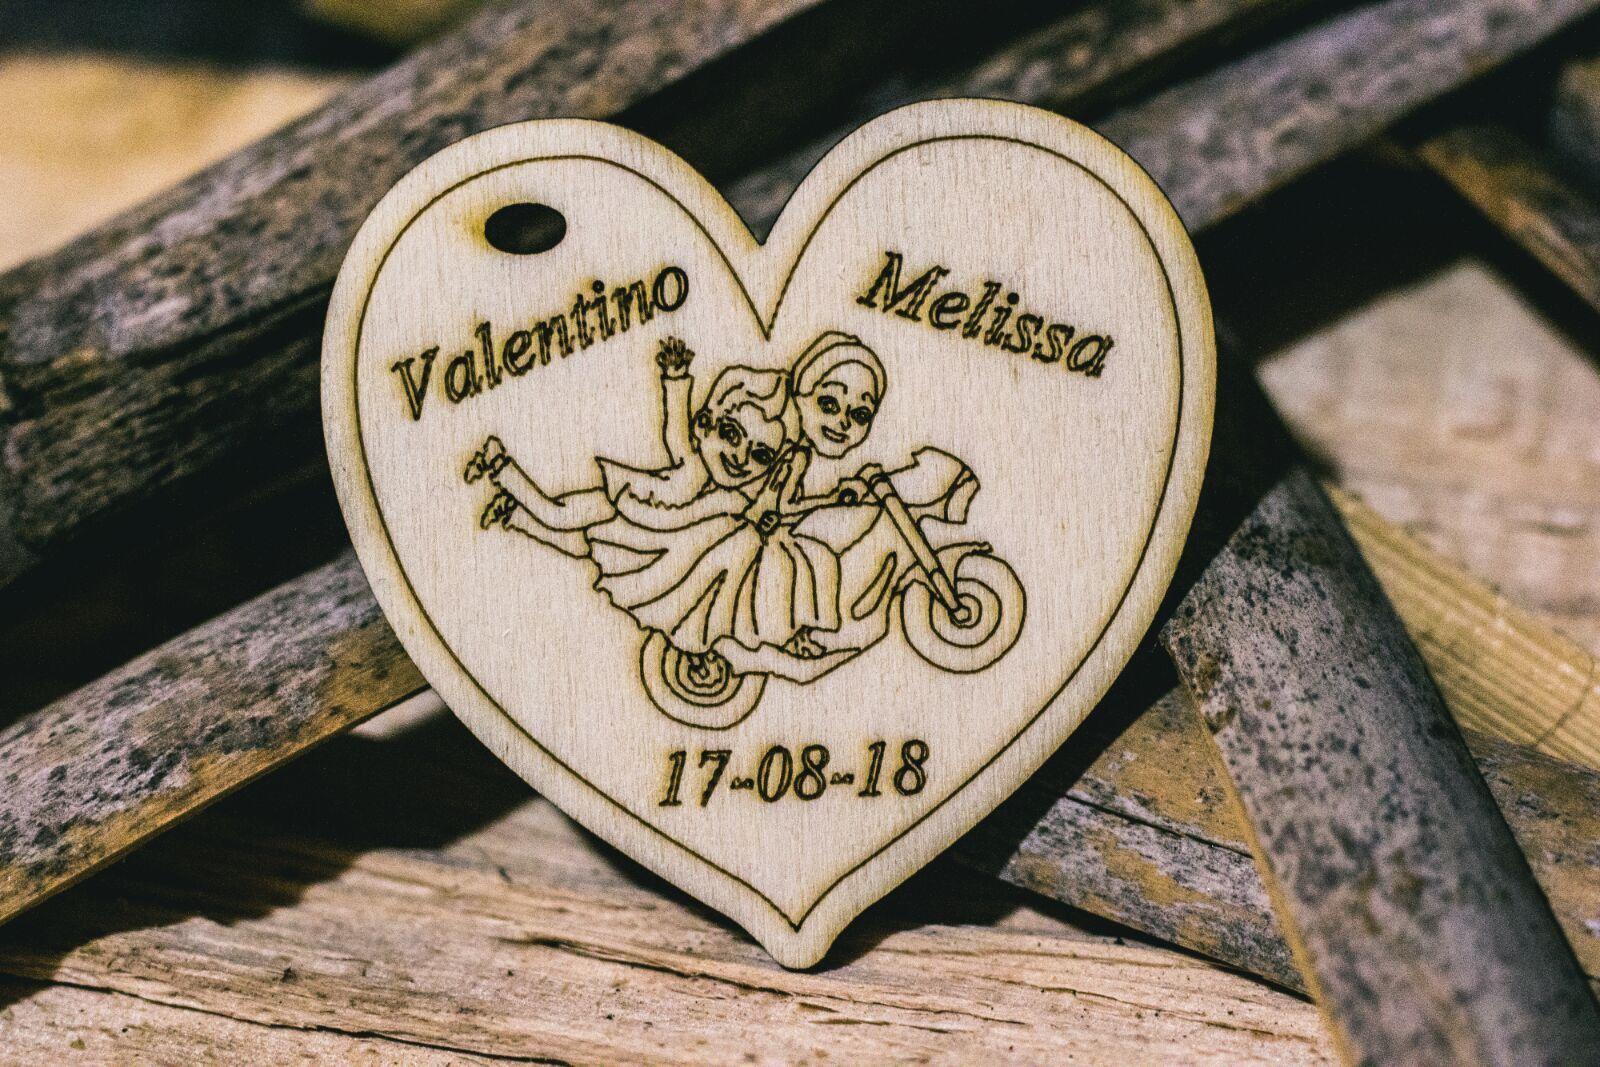 Cuori in legno sposini moto nomi sposo sposa incisione caricatura data bombonier